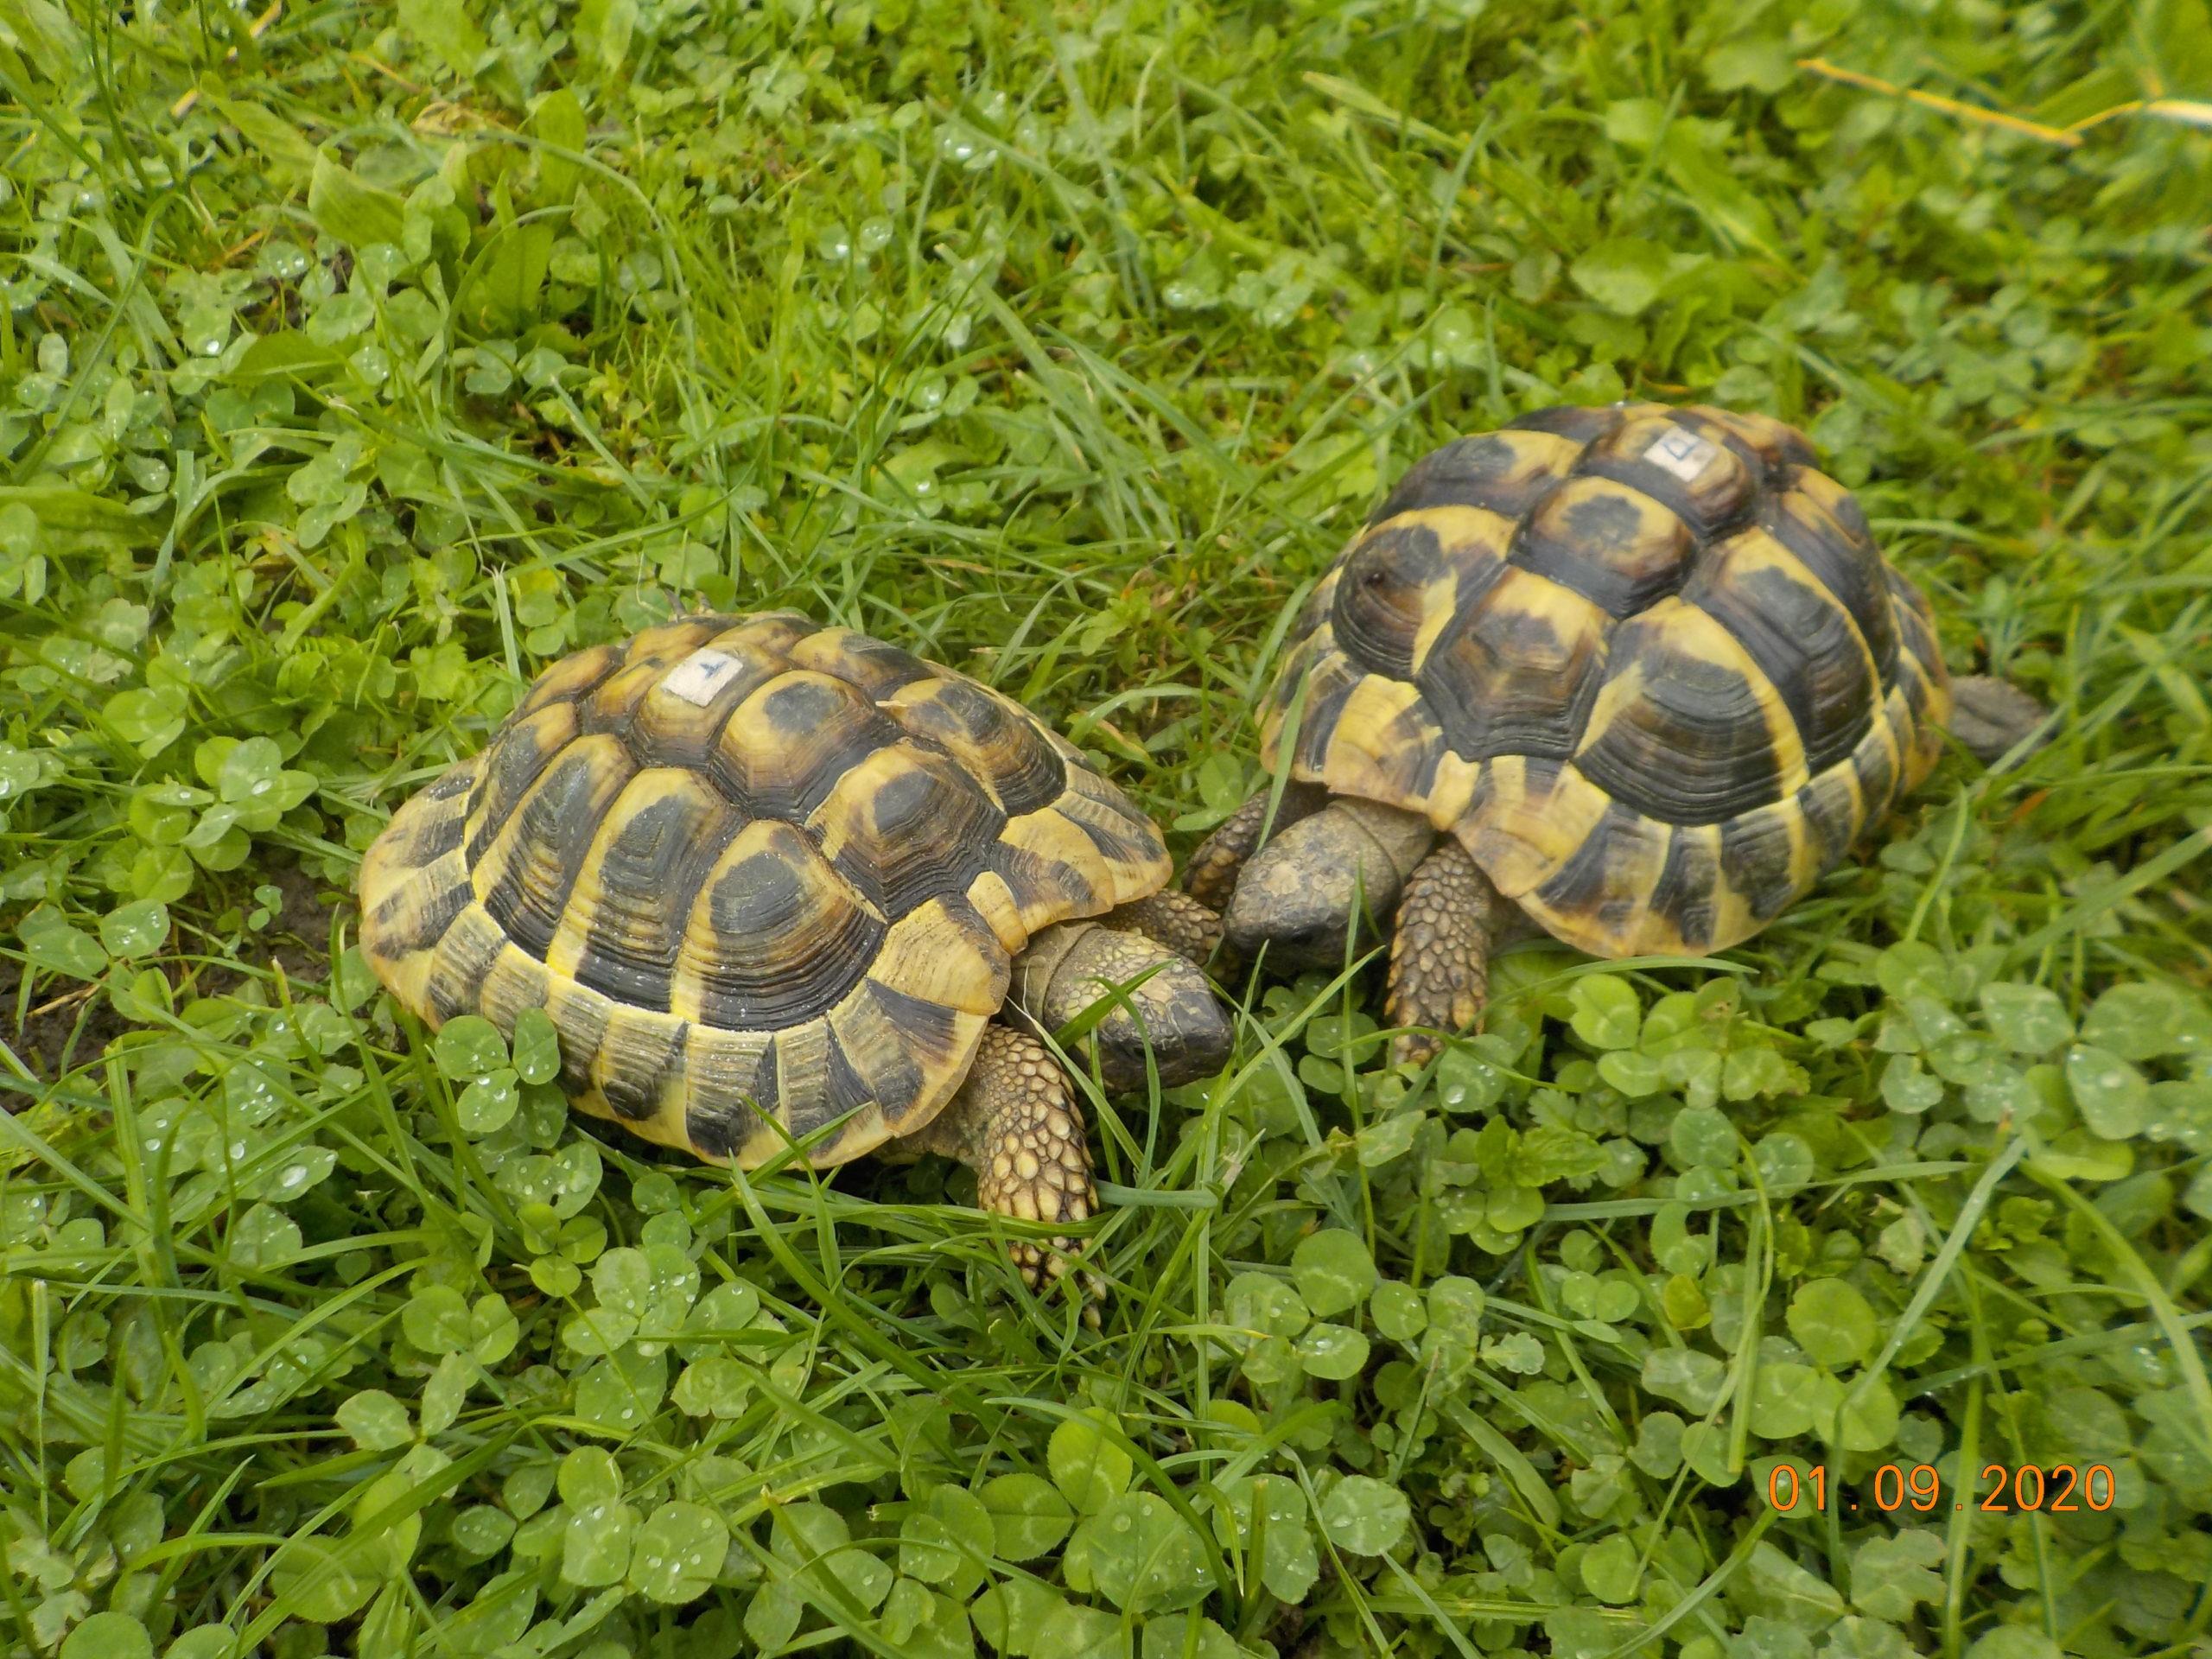 Meine Griechischen Landschildkröten dürfen endlich raus